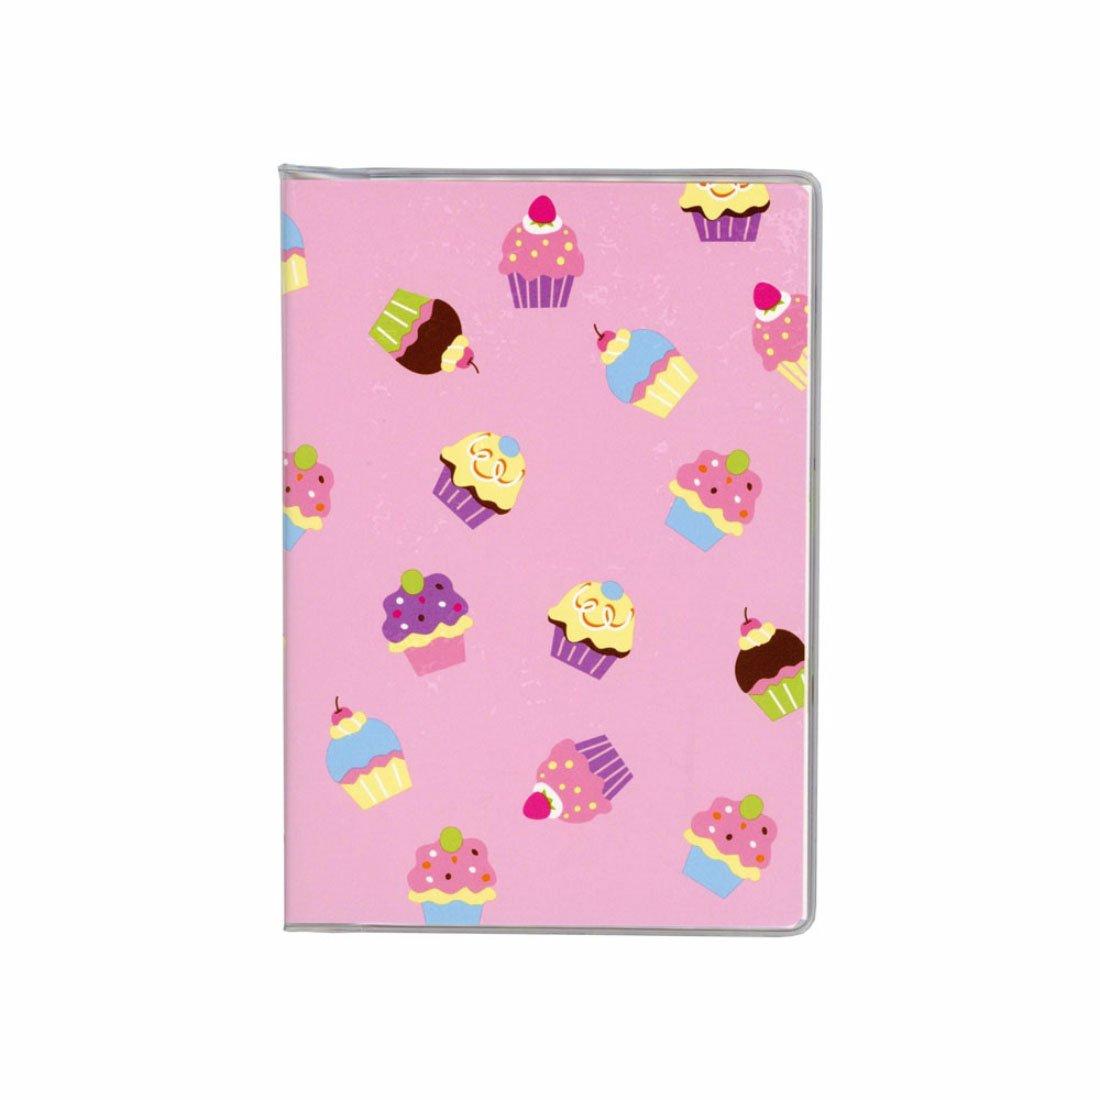 ダイゴー ドット手帐 ケーキ 粉红色 b3482